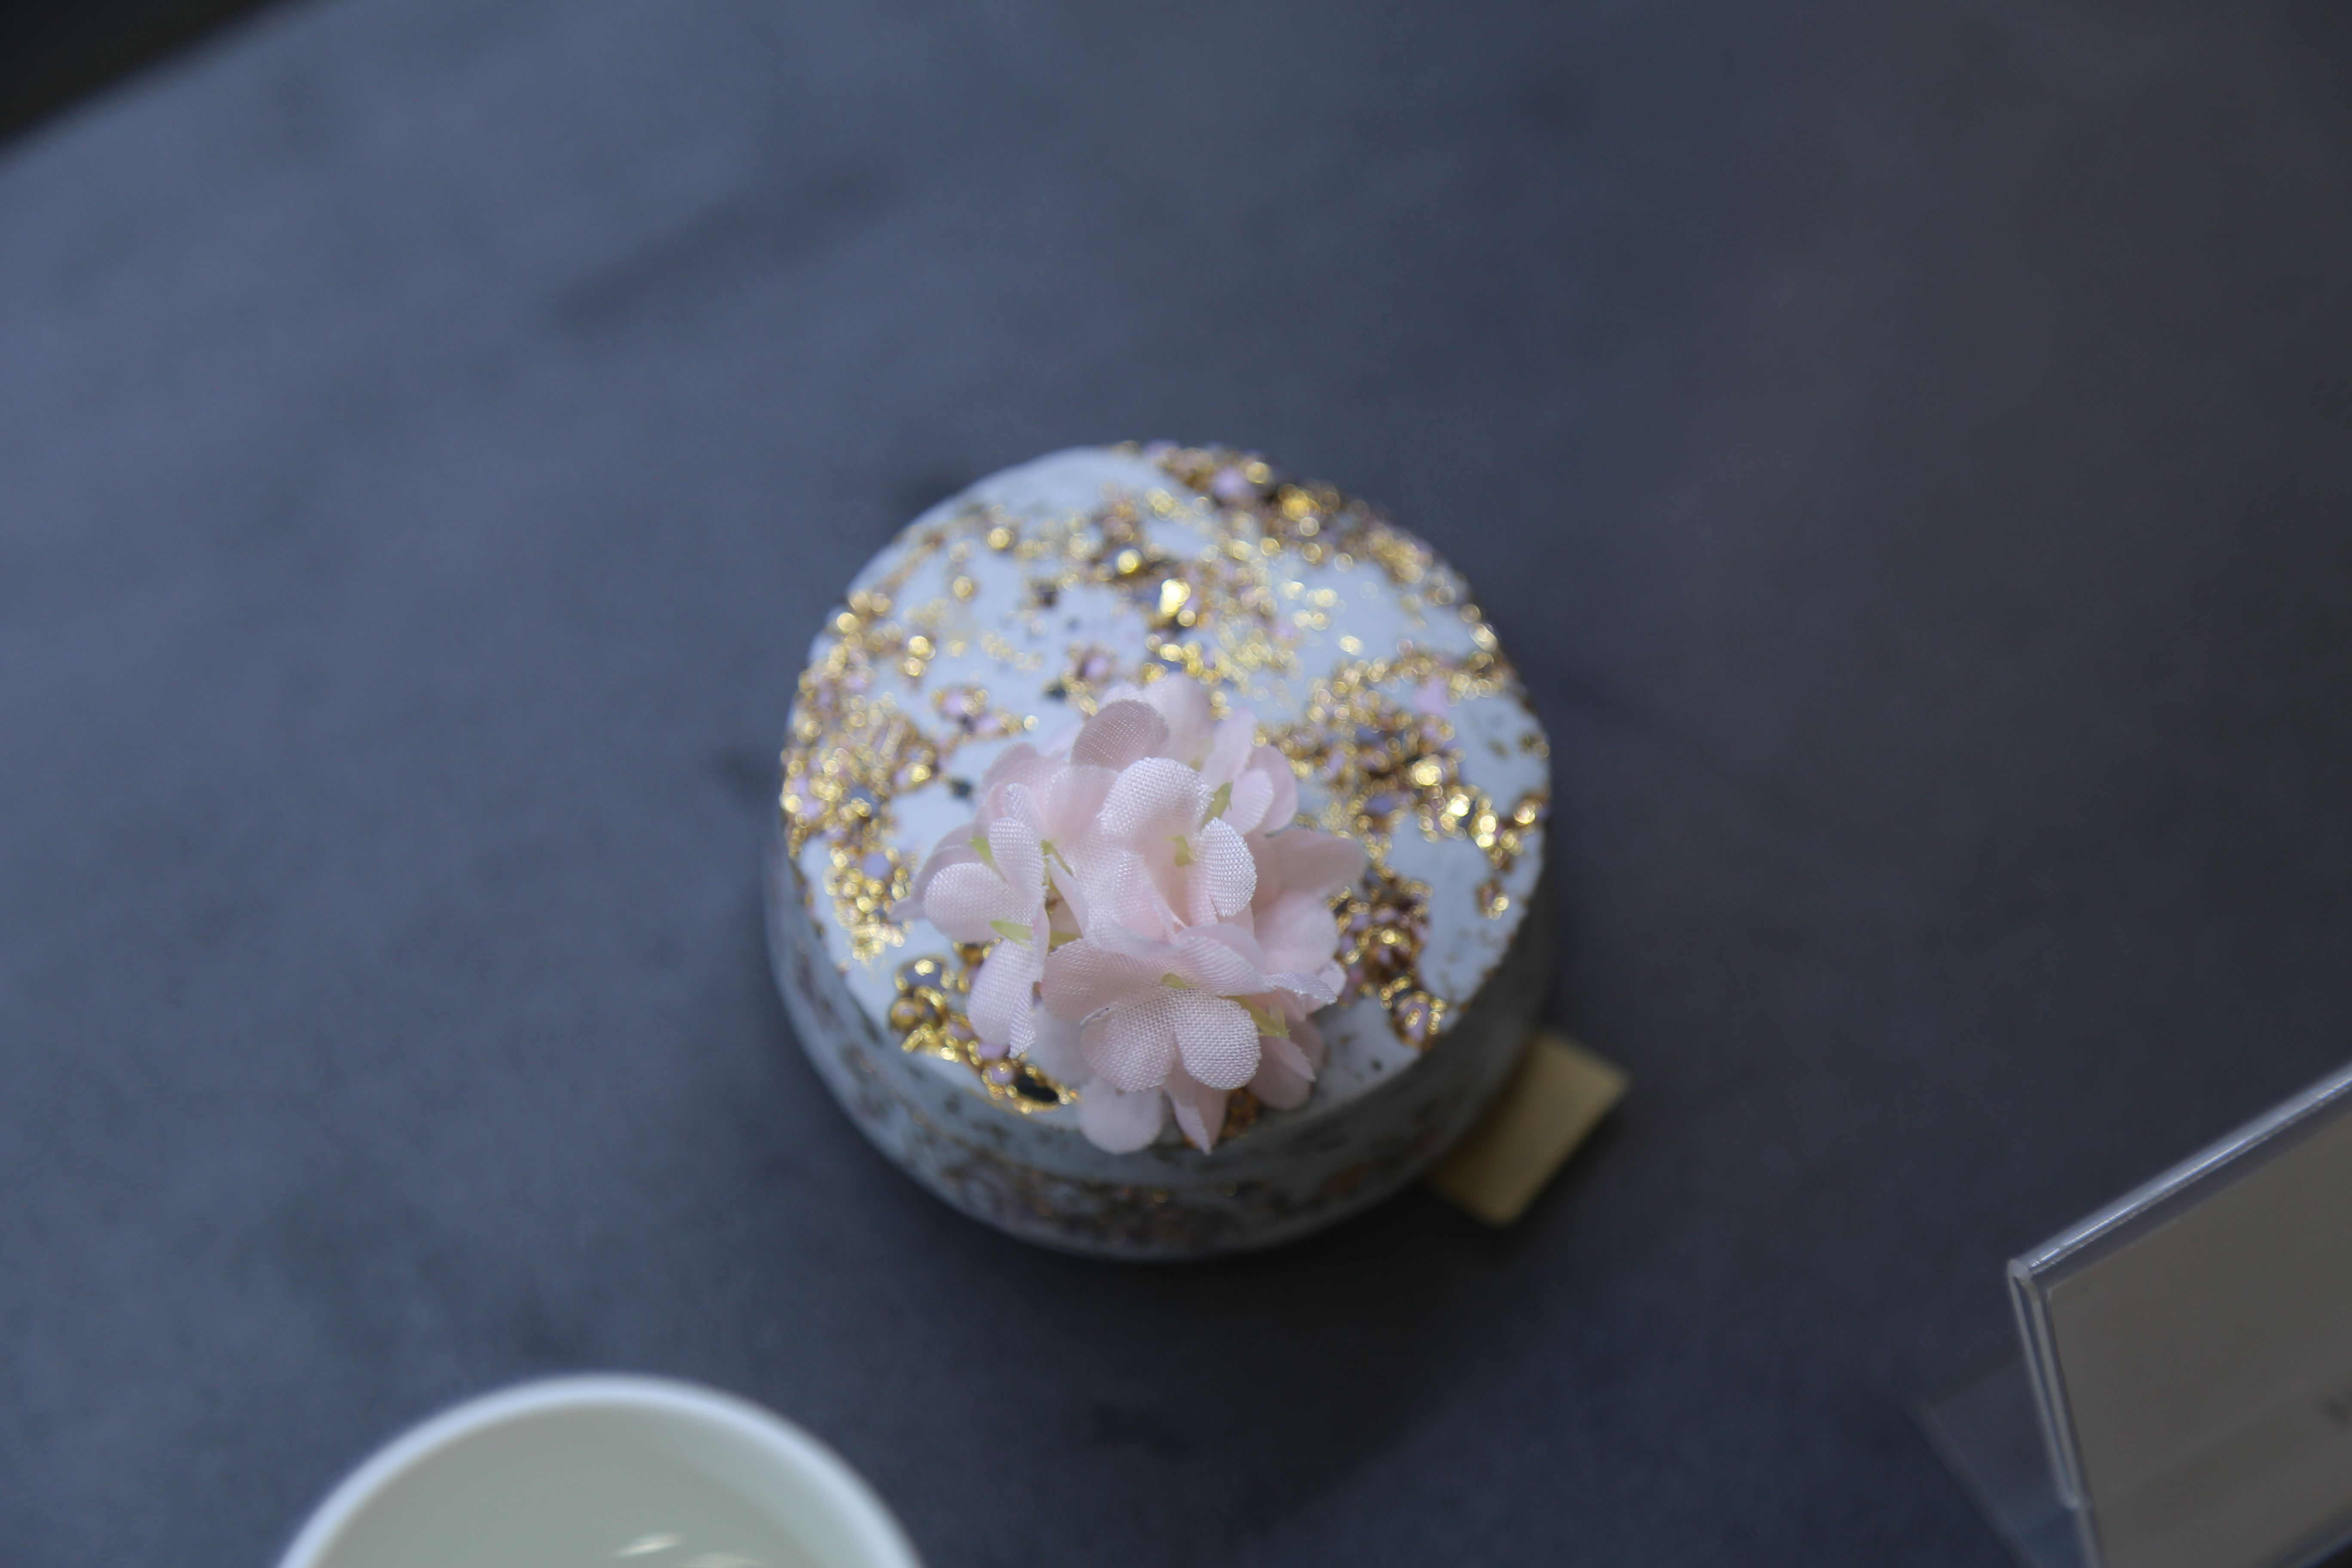 양지운(Ji-Woon Yang), 세라스톤 다화꽂이(Cera-stone Vase)